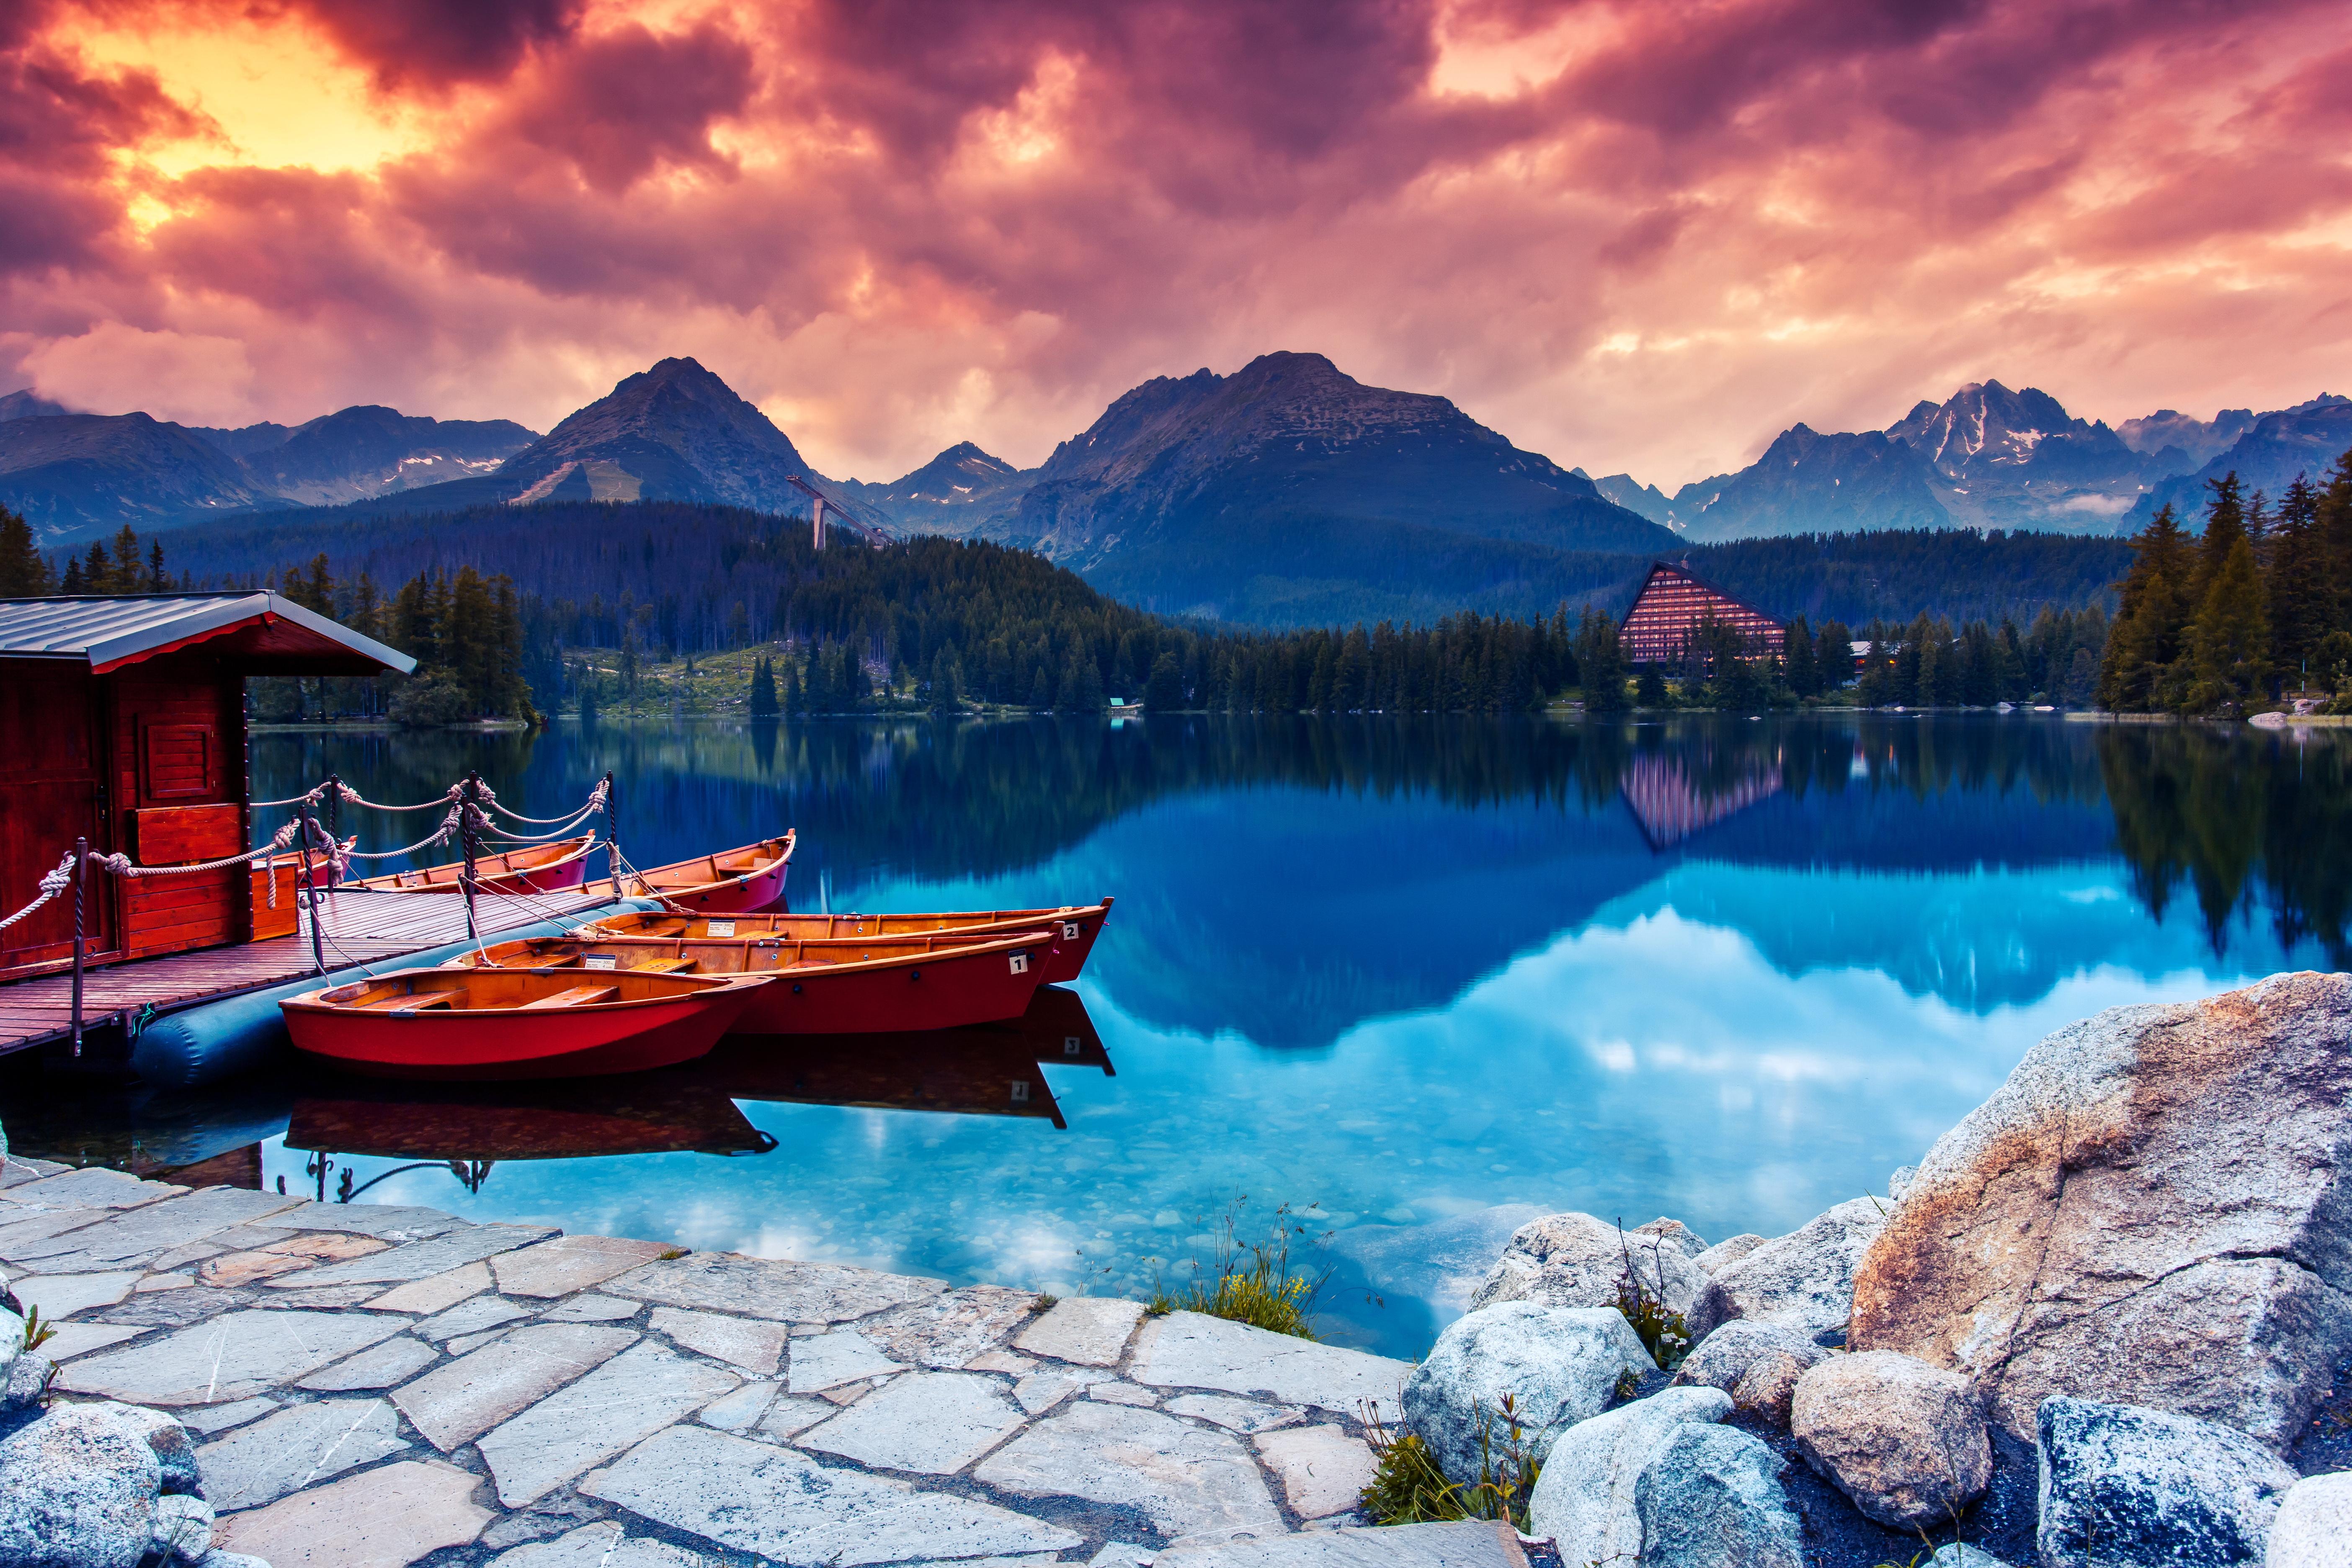 На лодке в горном озере  № 3062520 без смс